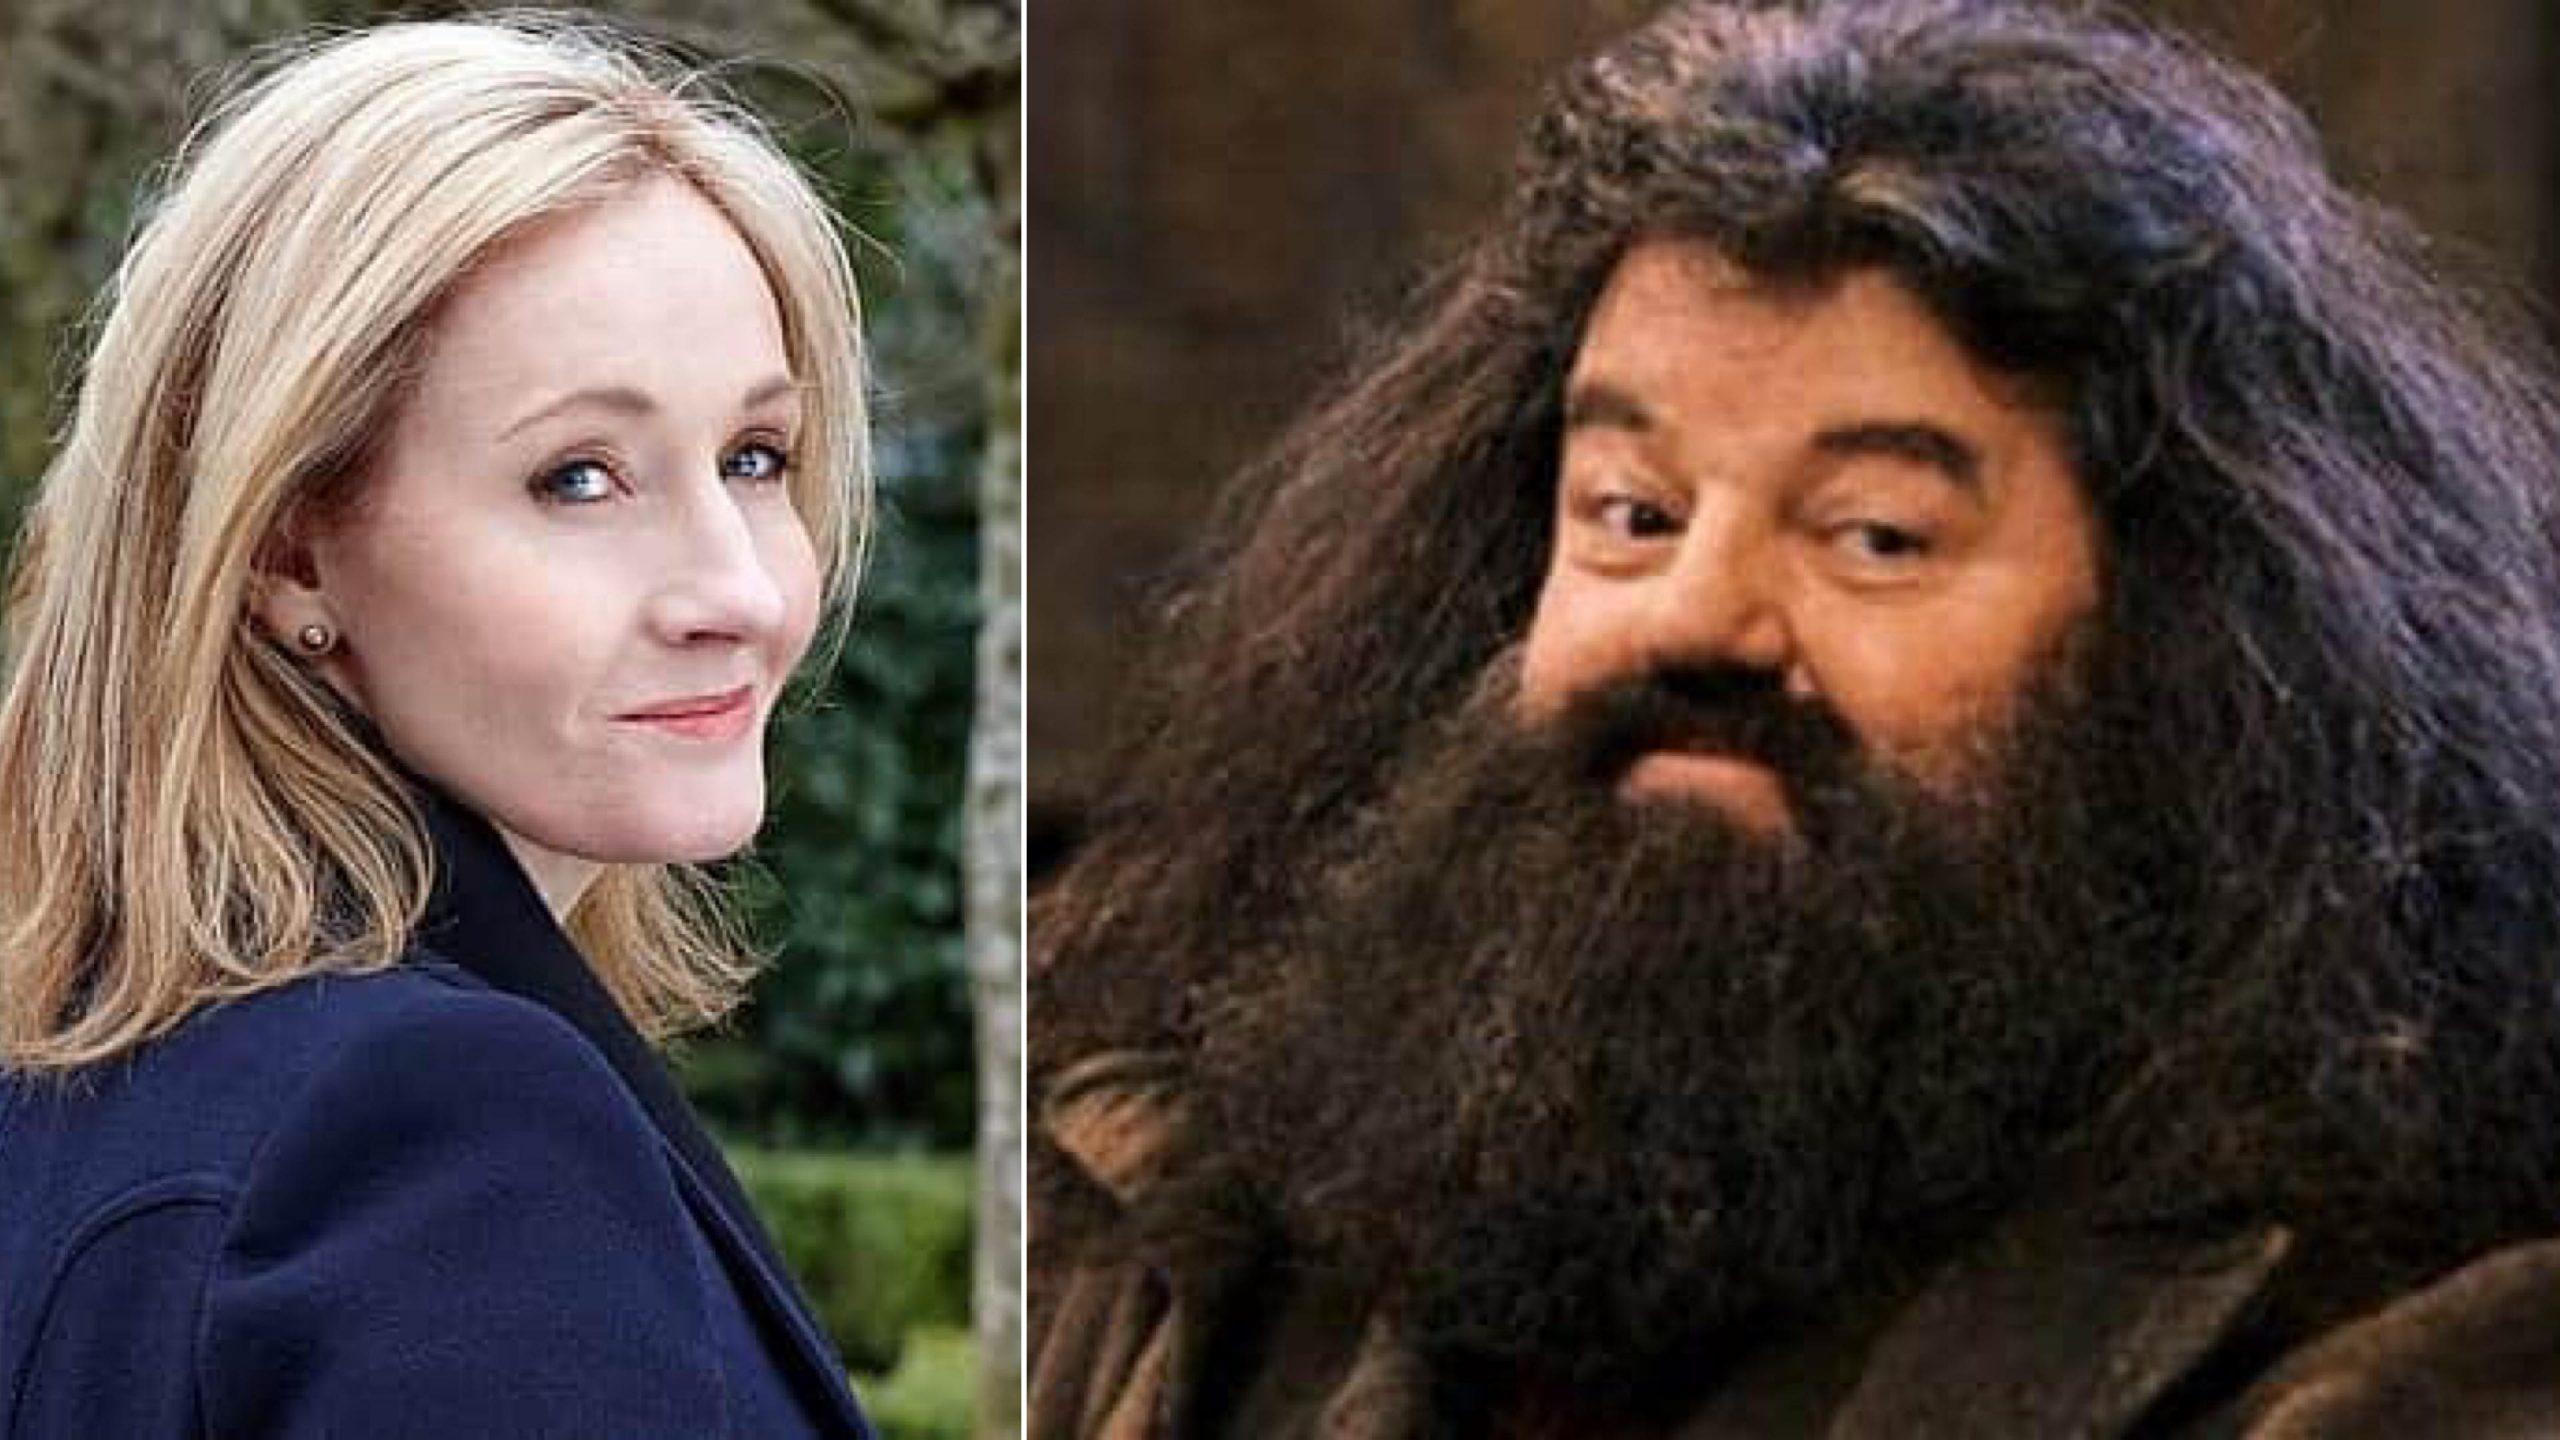 「《哈利·波特》海格的工作是什麼?為什麼叫鑰匙保管員?」JK羅琳親自解釋,這個角色有多重要! – 我們用電影寫日記